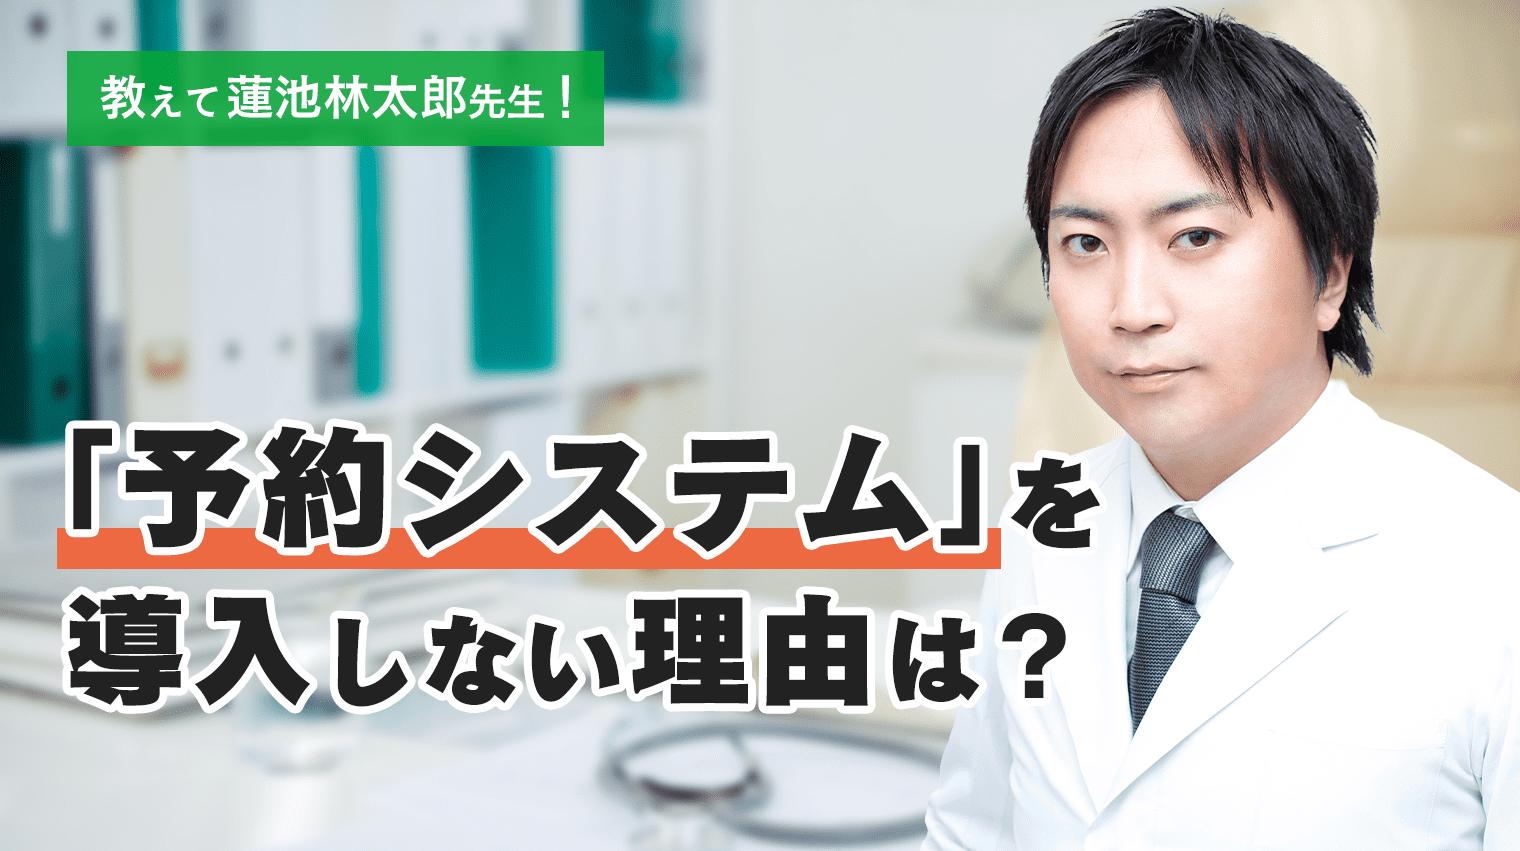 新宿一等地に位置するクリニックが予約システムを導入しない理由|教えて蓮池林太郎先生!